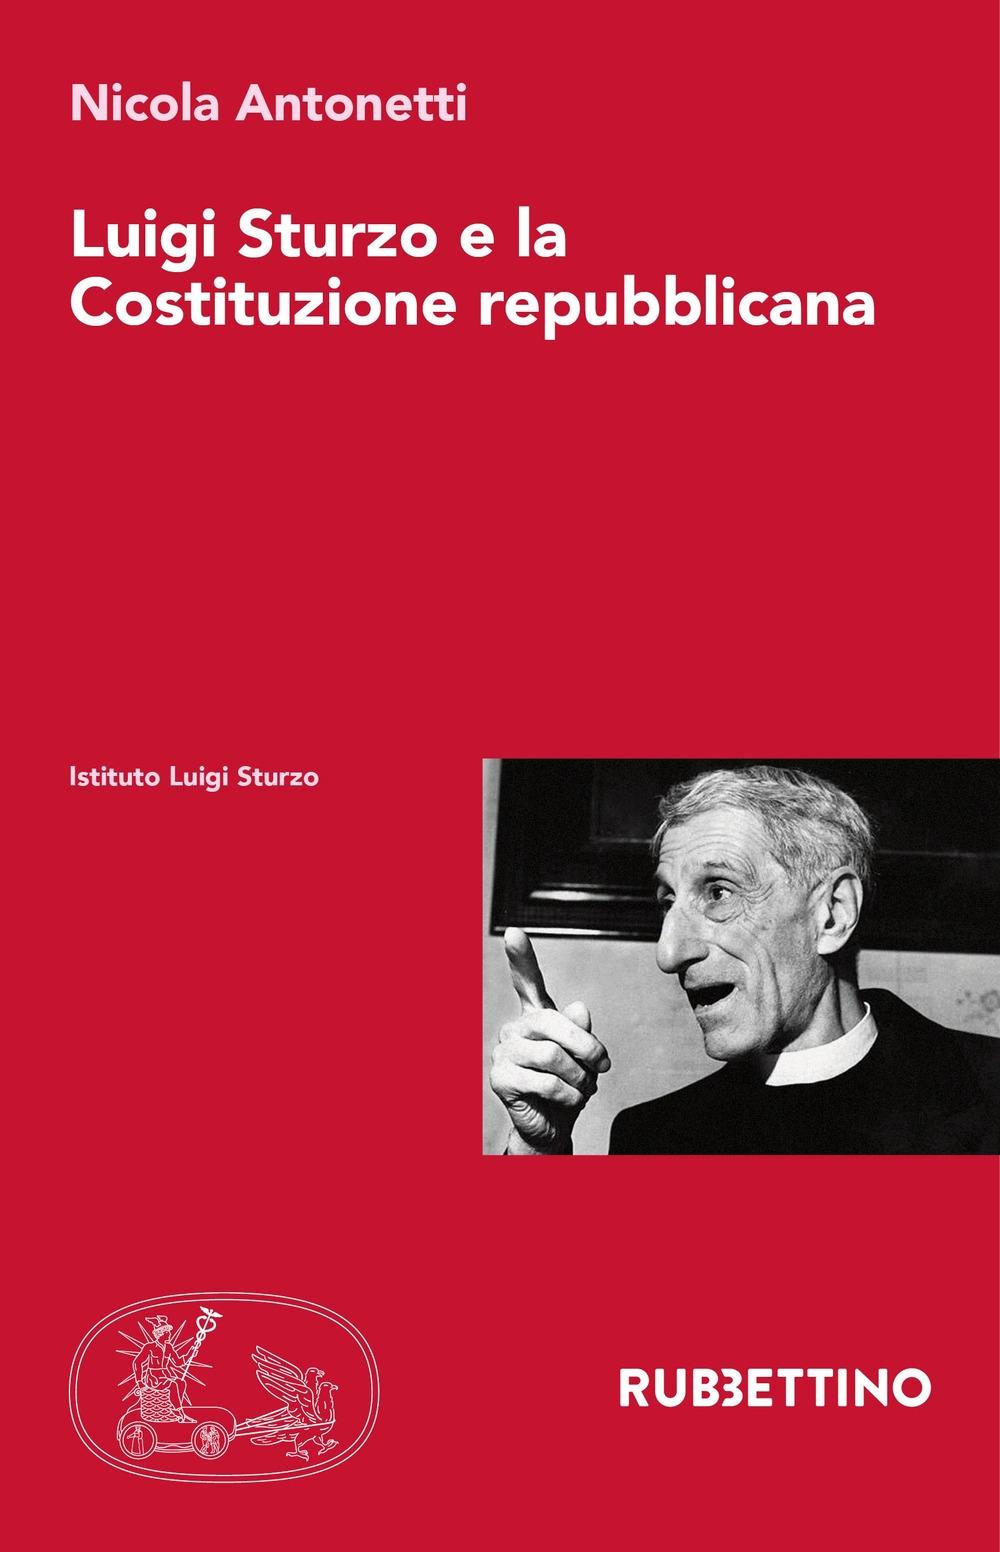 Luigi Sturzo e la Costituzione repubblicana